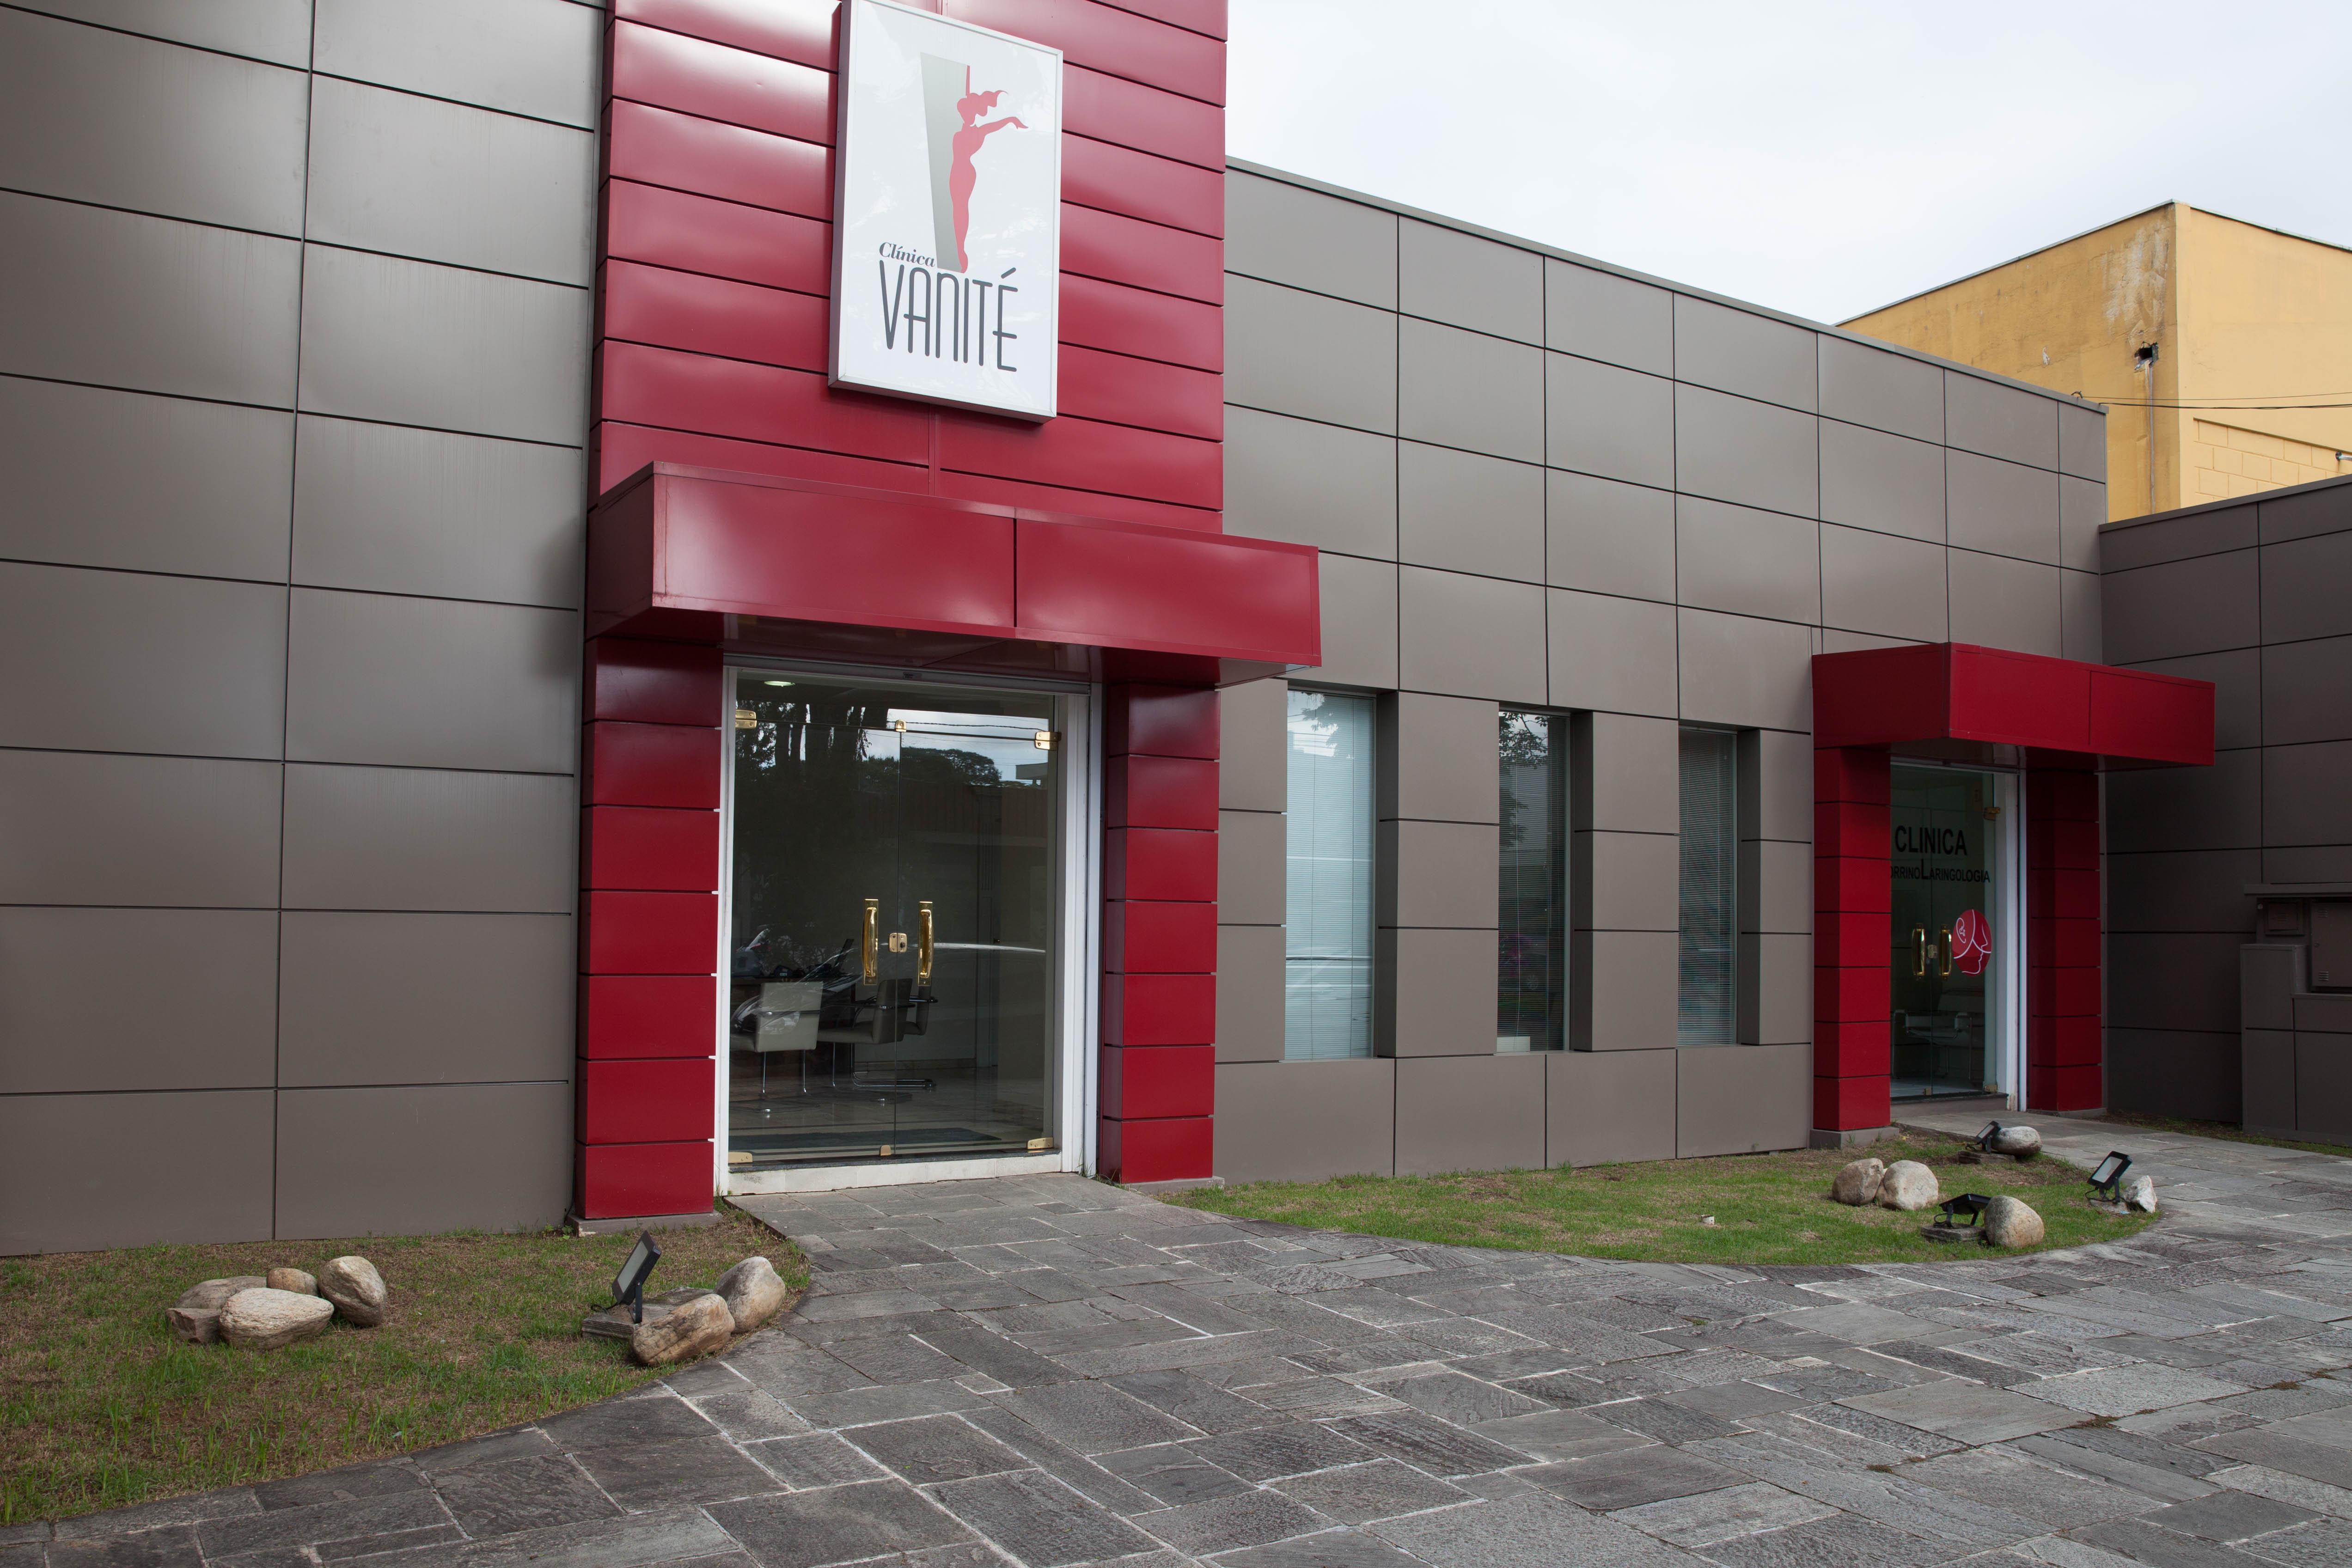 Clinica_Vanite_São_José_dos_Campos_Facha